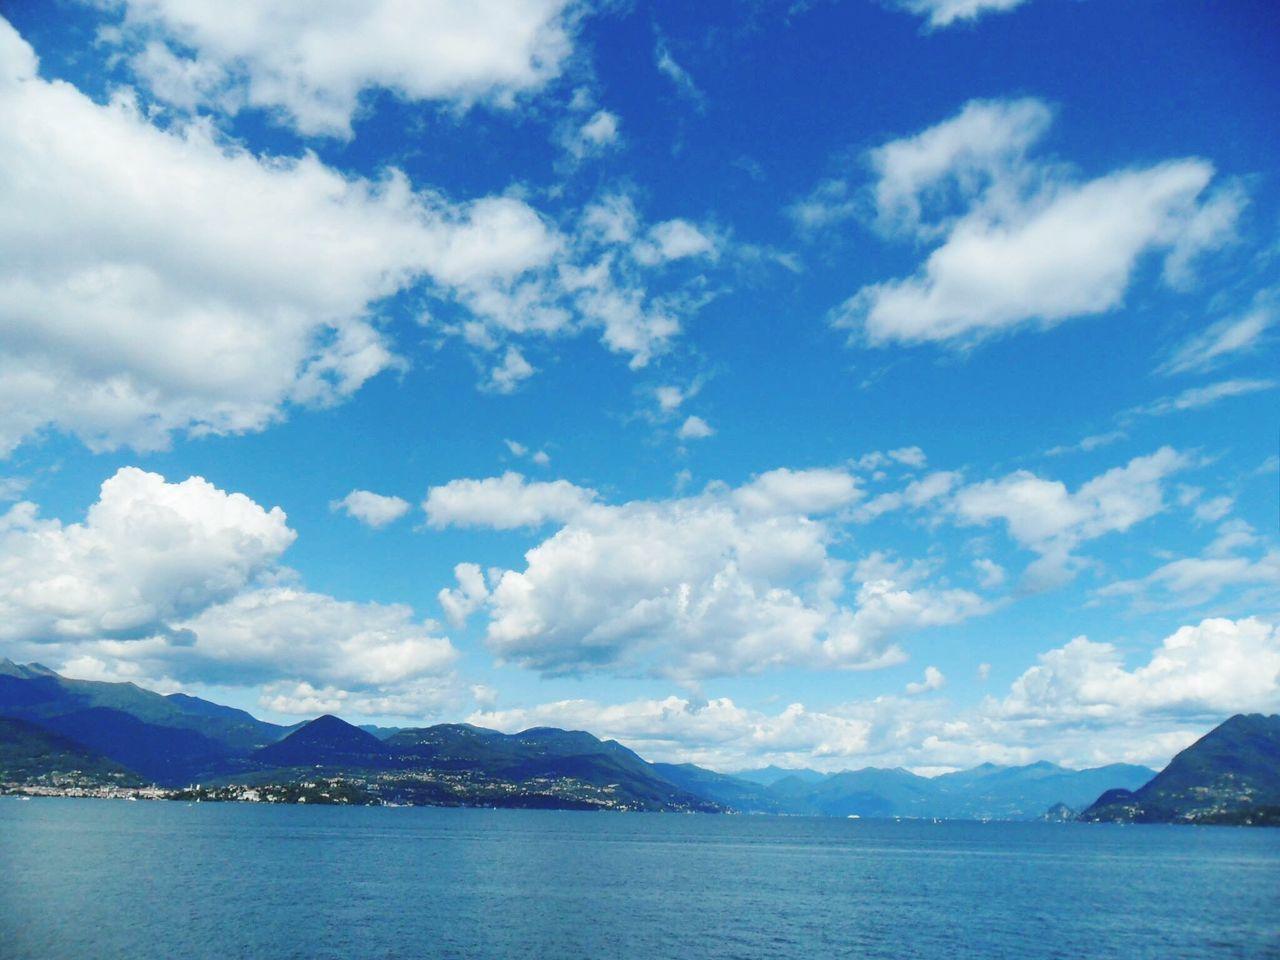 Nuvole Sky Solocielo Azzurrocielo Azzurro Vista Villapallavicino